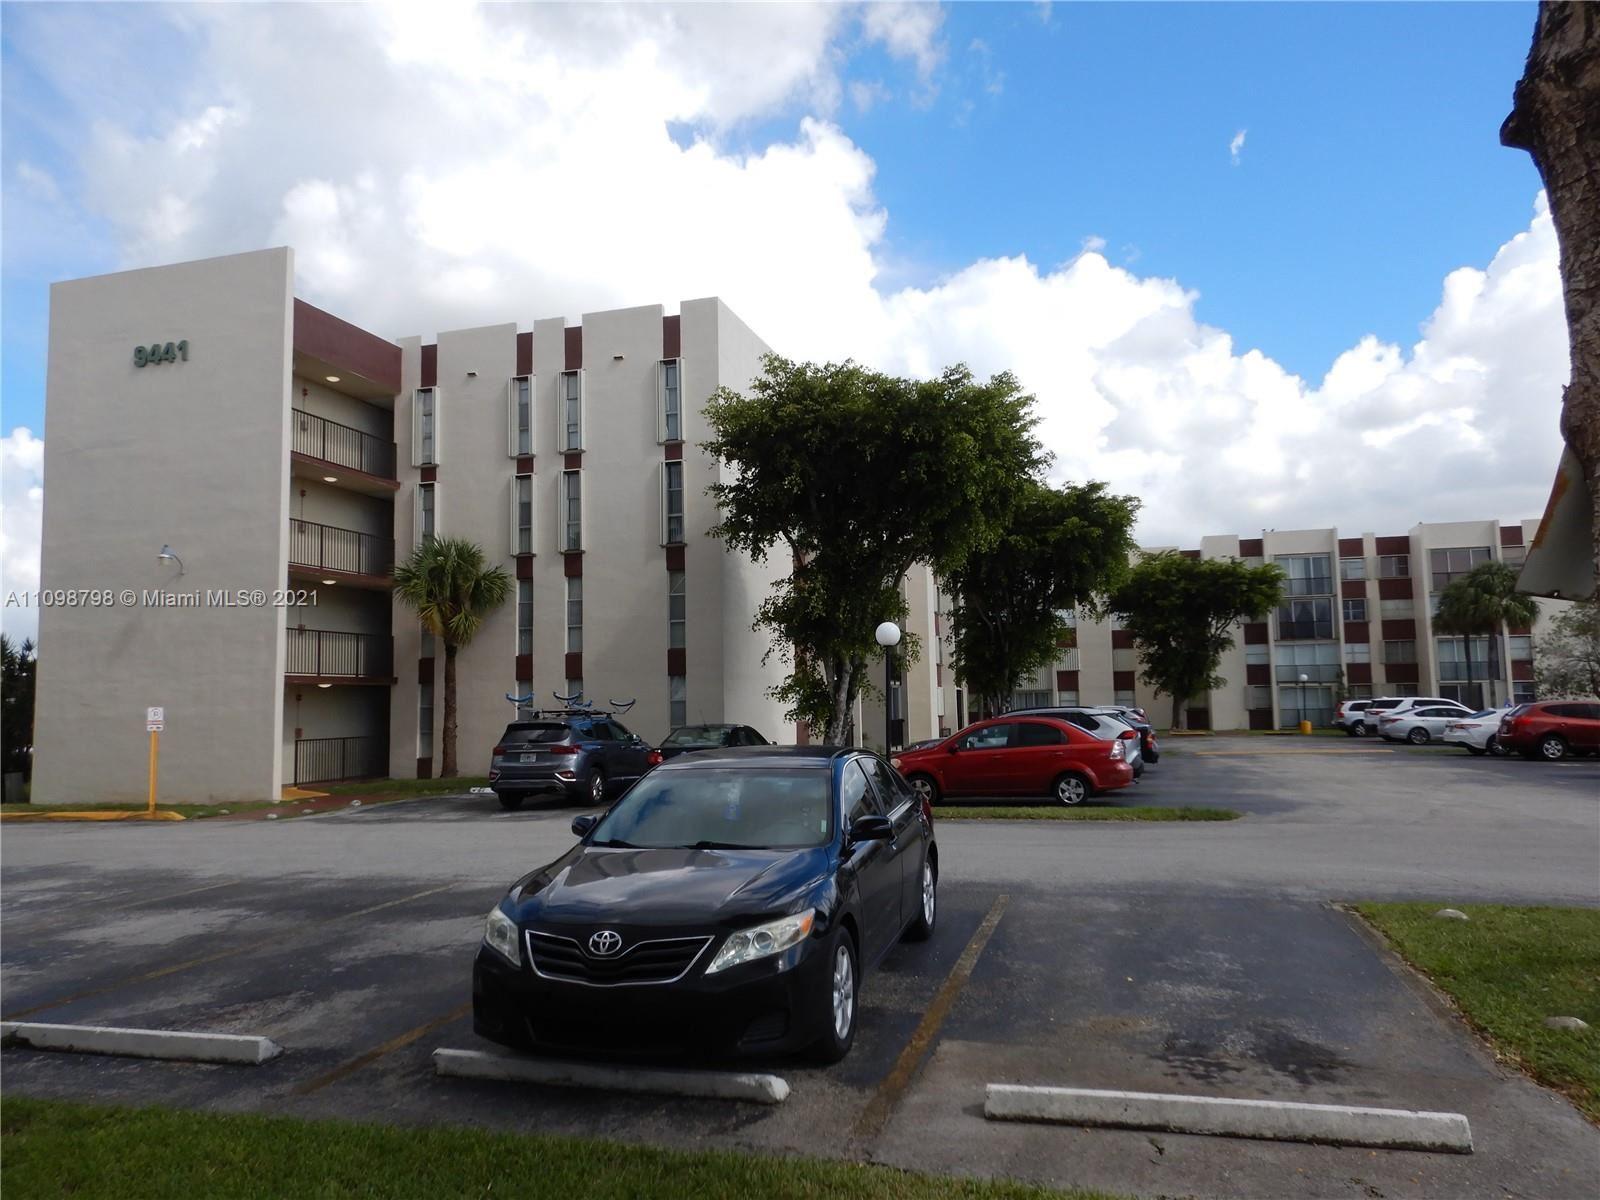 9441 SW 4th St #310, Miami, FL 33174 - #: A11098798